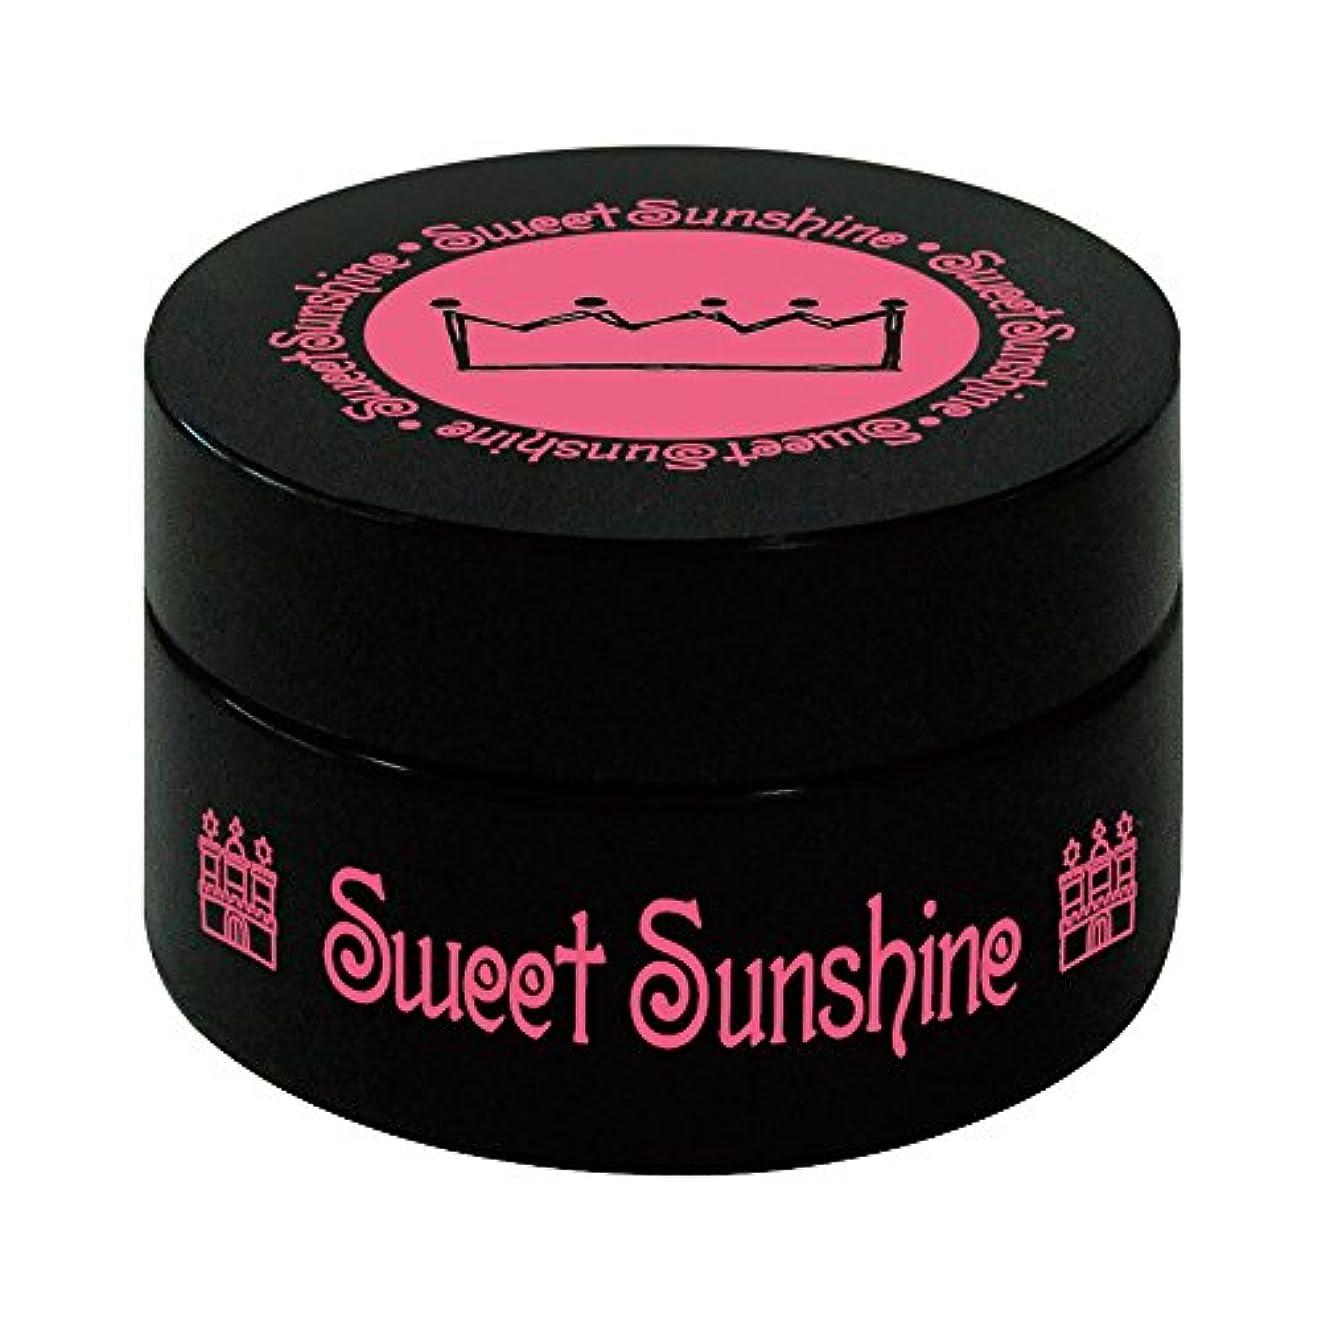 ヘビーネスト落胆した最速硬化LED対応 Sweet Sunshine スィート サンシャイン カラージェル SC-79 4g パールベビーピンク